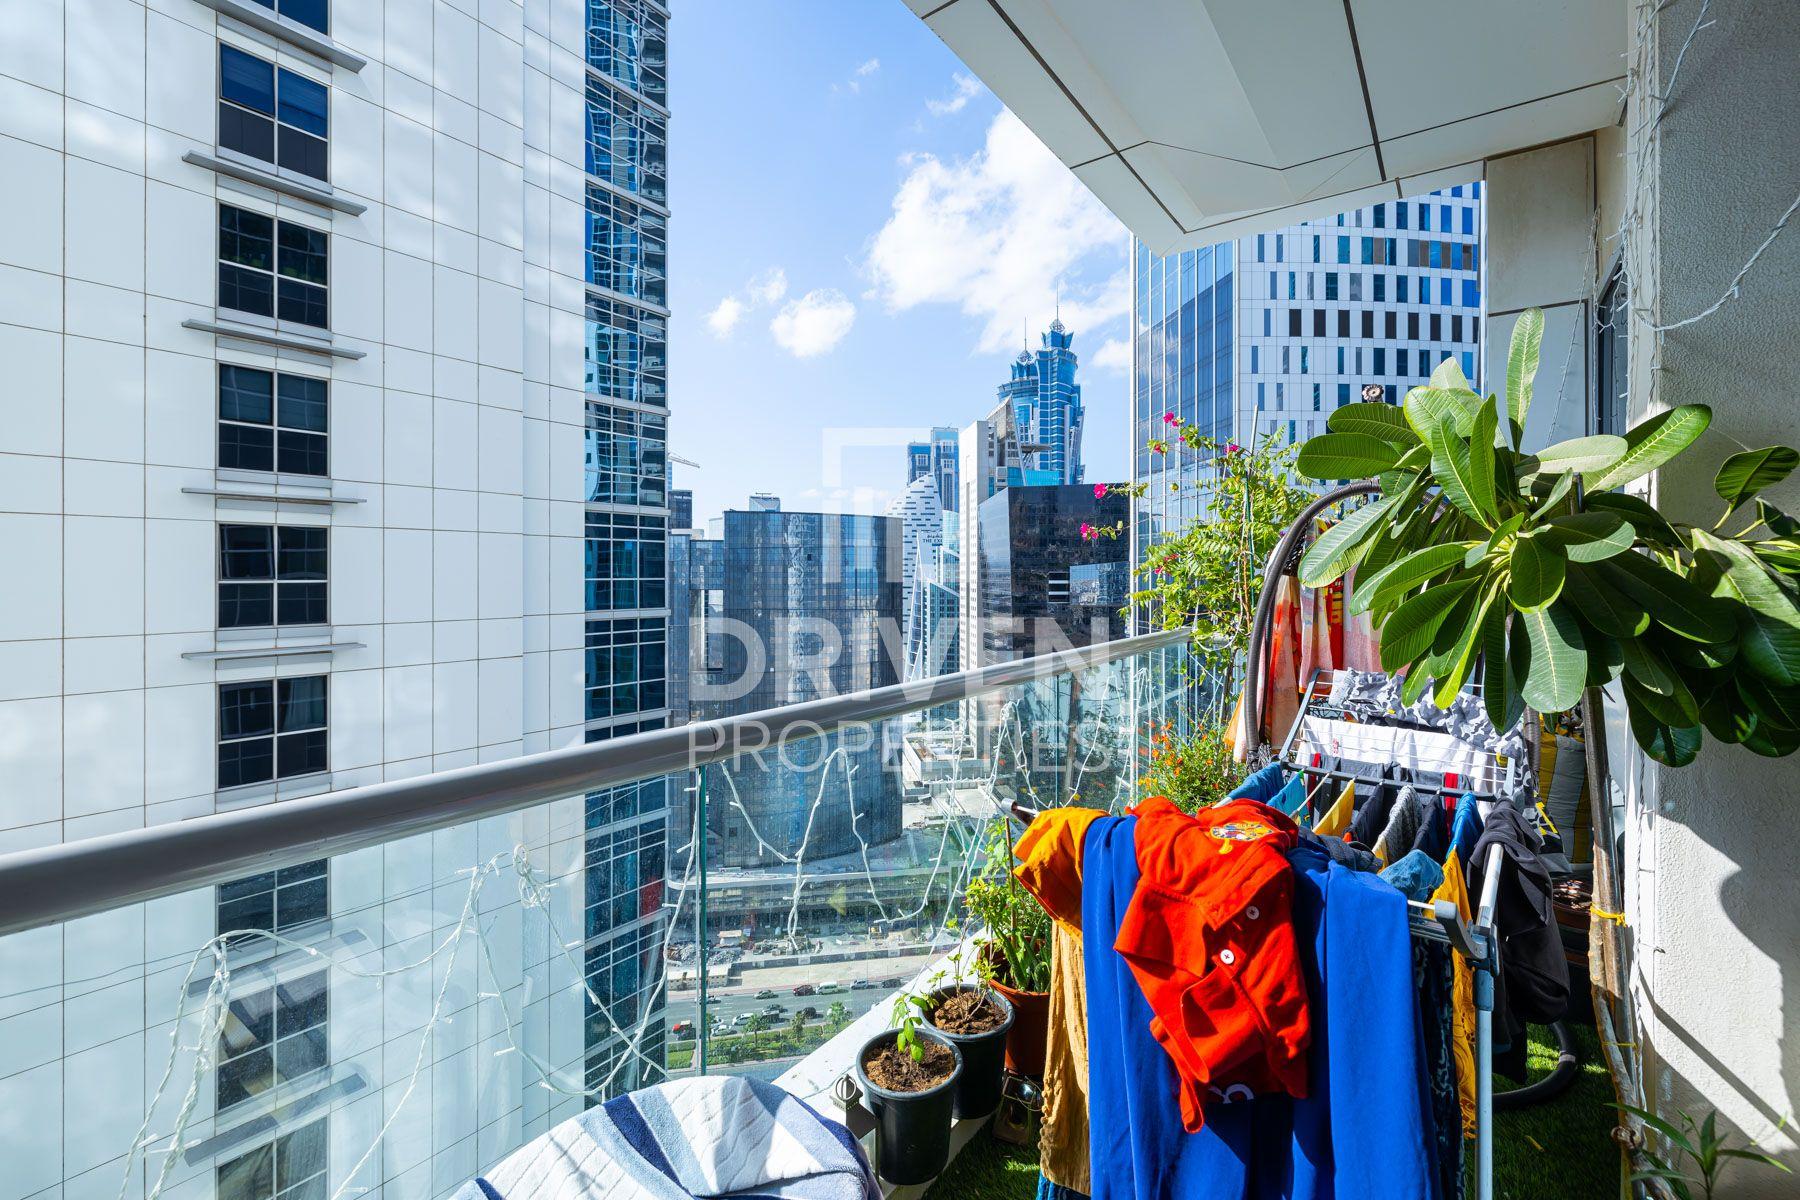 للبيع - شقة - K برج - الخليج التجاري